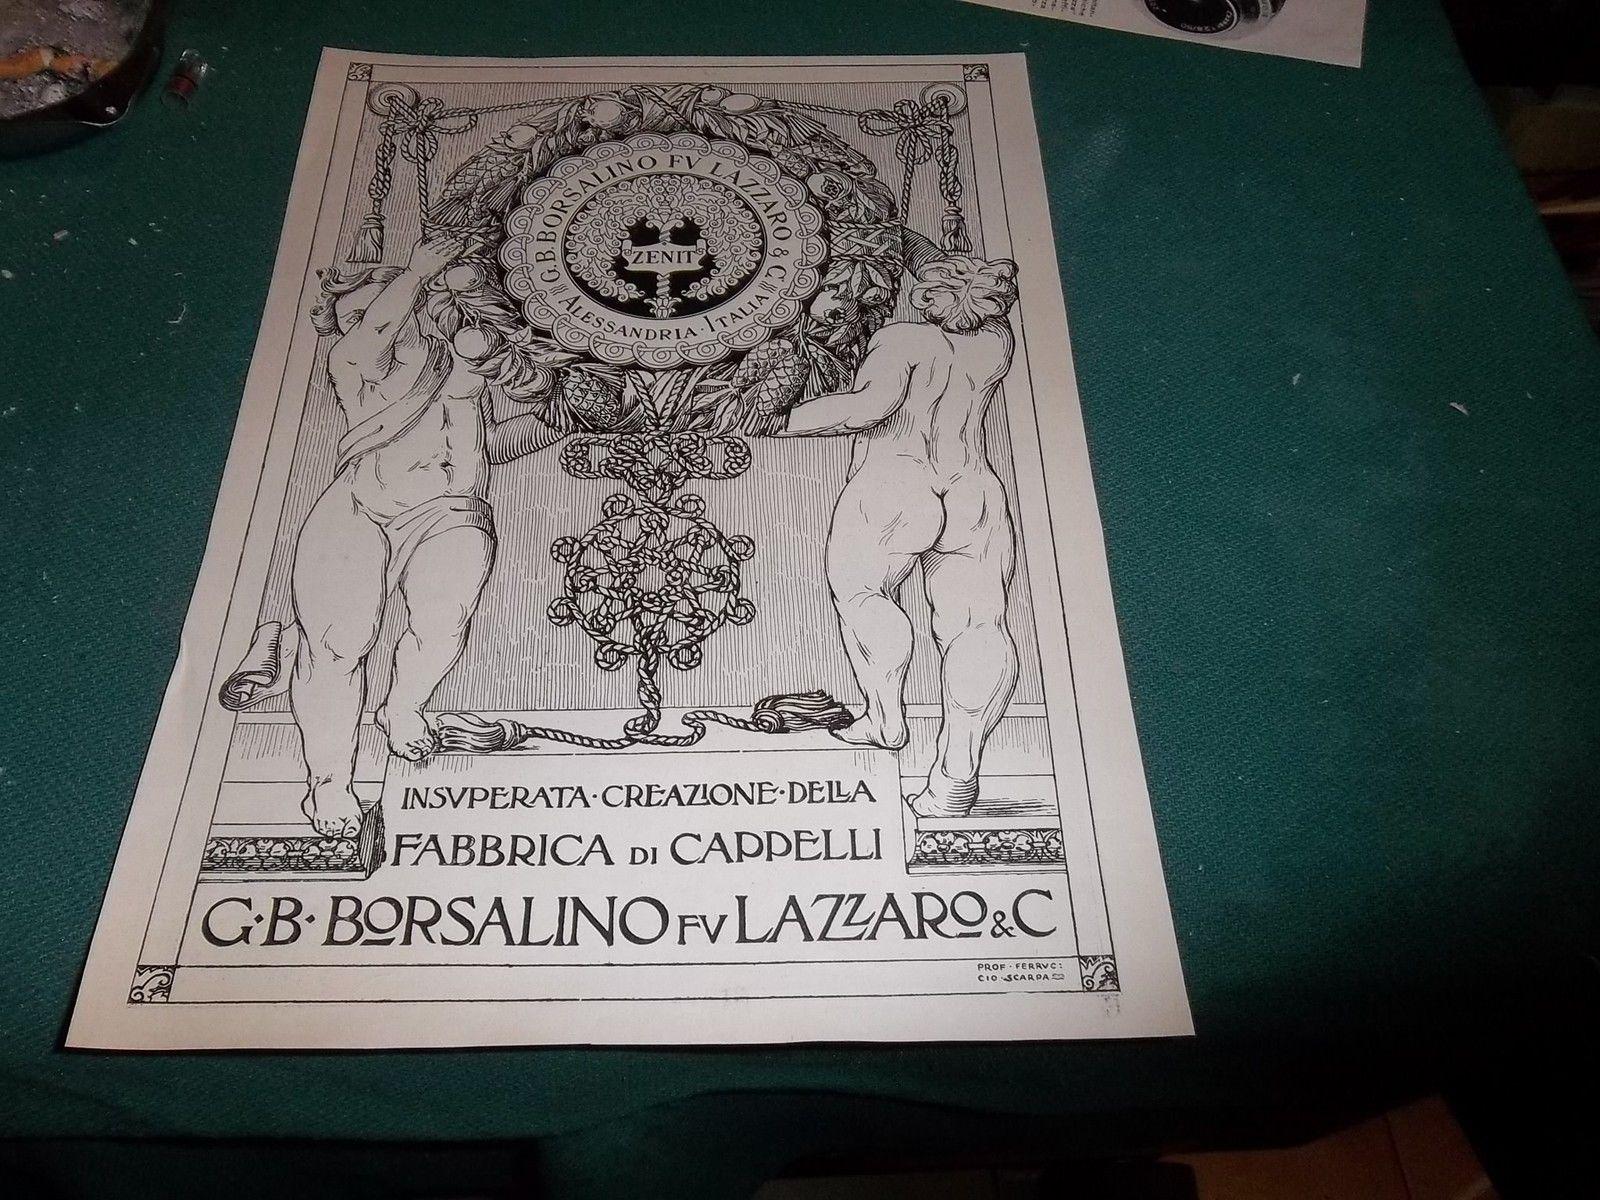 PUBBLICITA ANNI 20, FABBRICA DI CAPPELLI G.B. BORSALINO FU LAZZARO, ALESSANDRIA.JPG